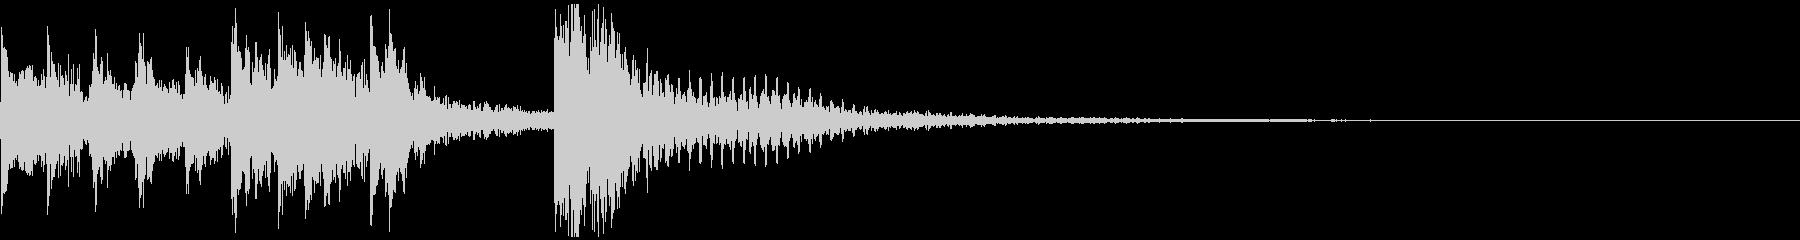 親しみやすい電子音のジングルの未再生の波形